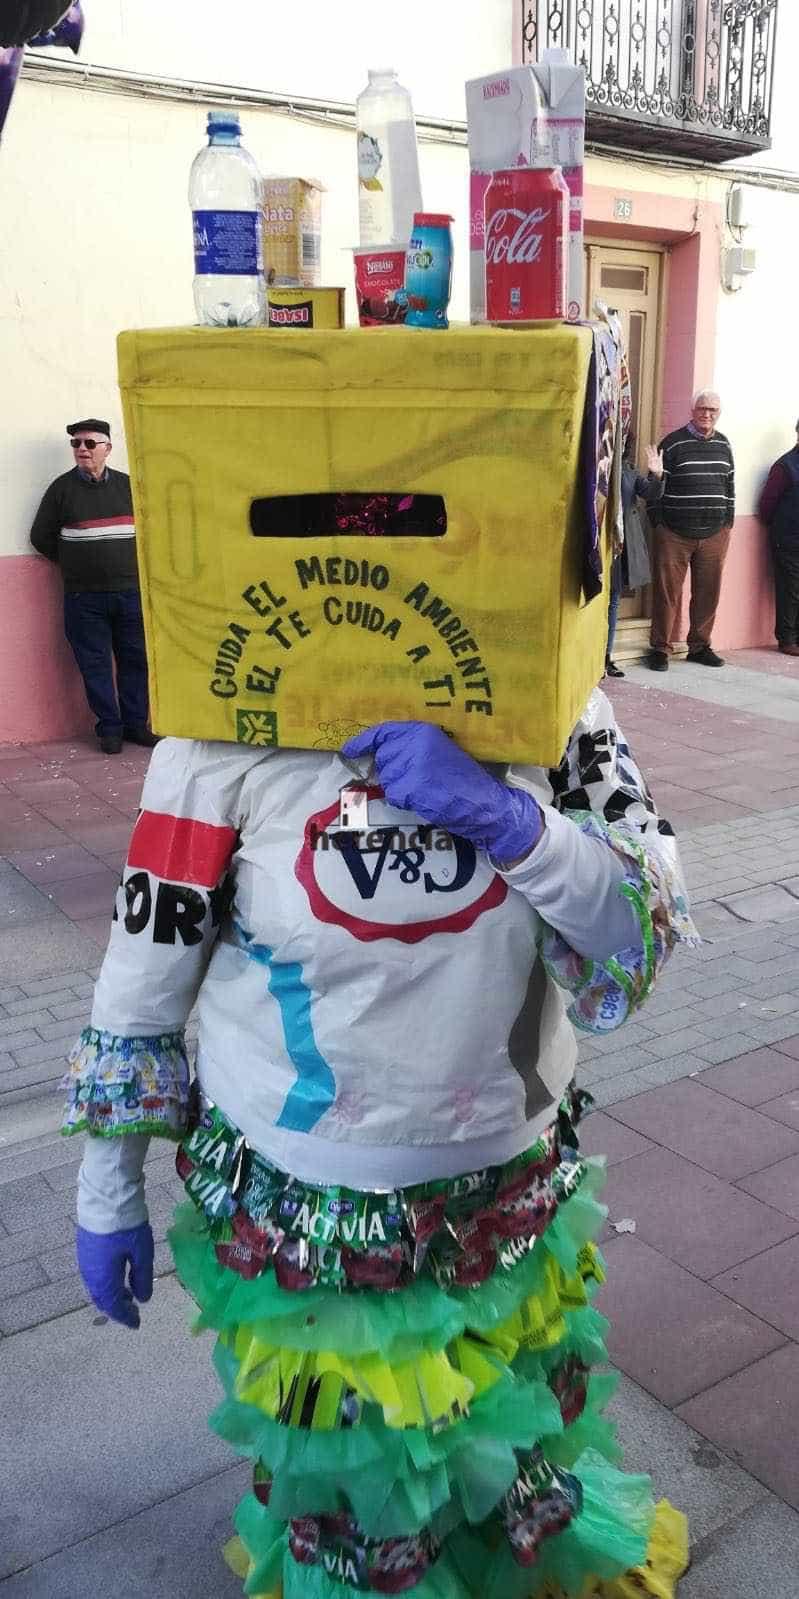 Carnaval herencia 2020 pasacalles domingo deseosas 23 - El Domingo de las Deseosas invita a todo el mundo al Carnaval de Herencia